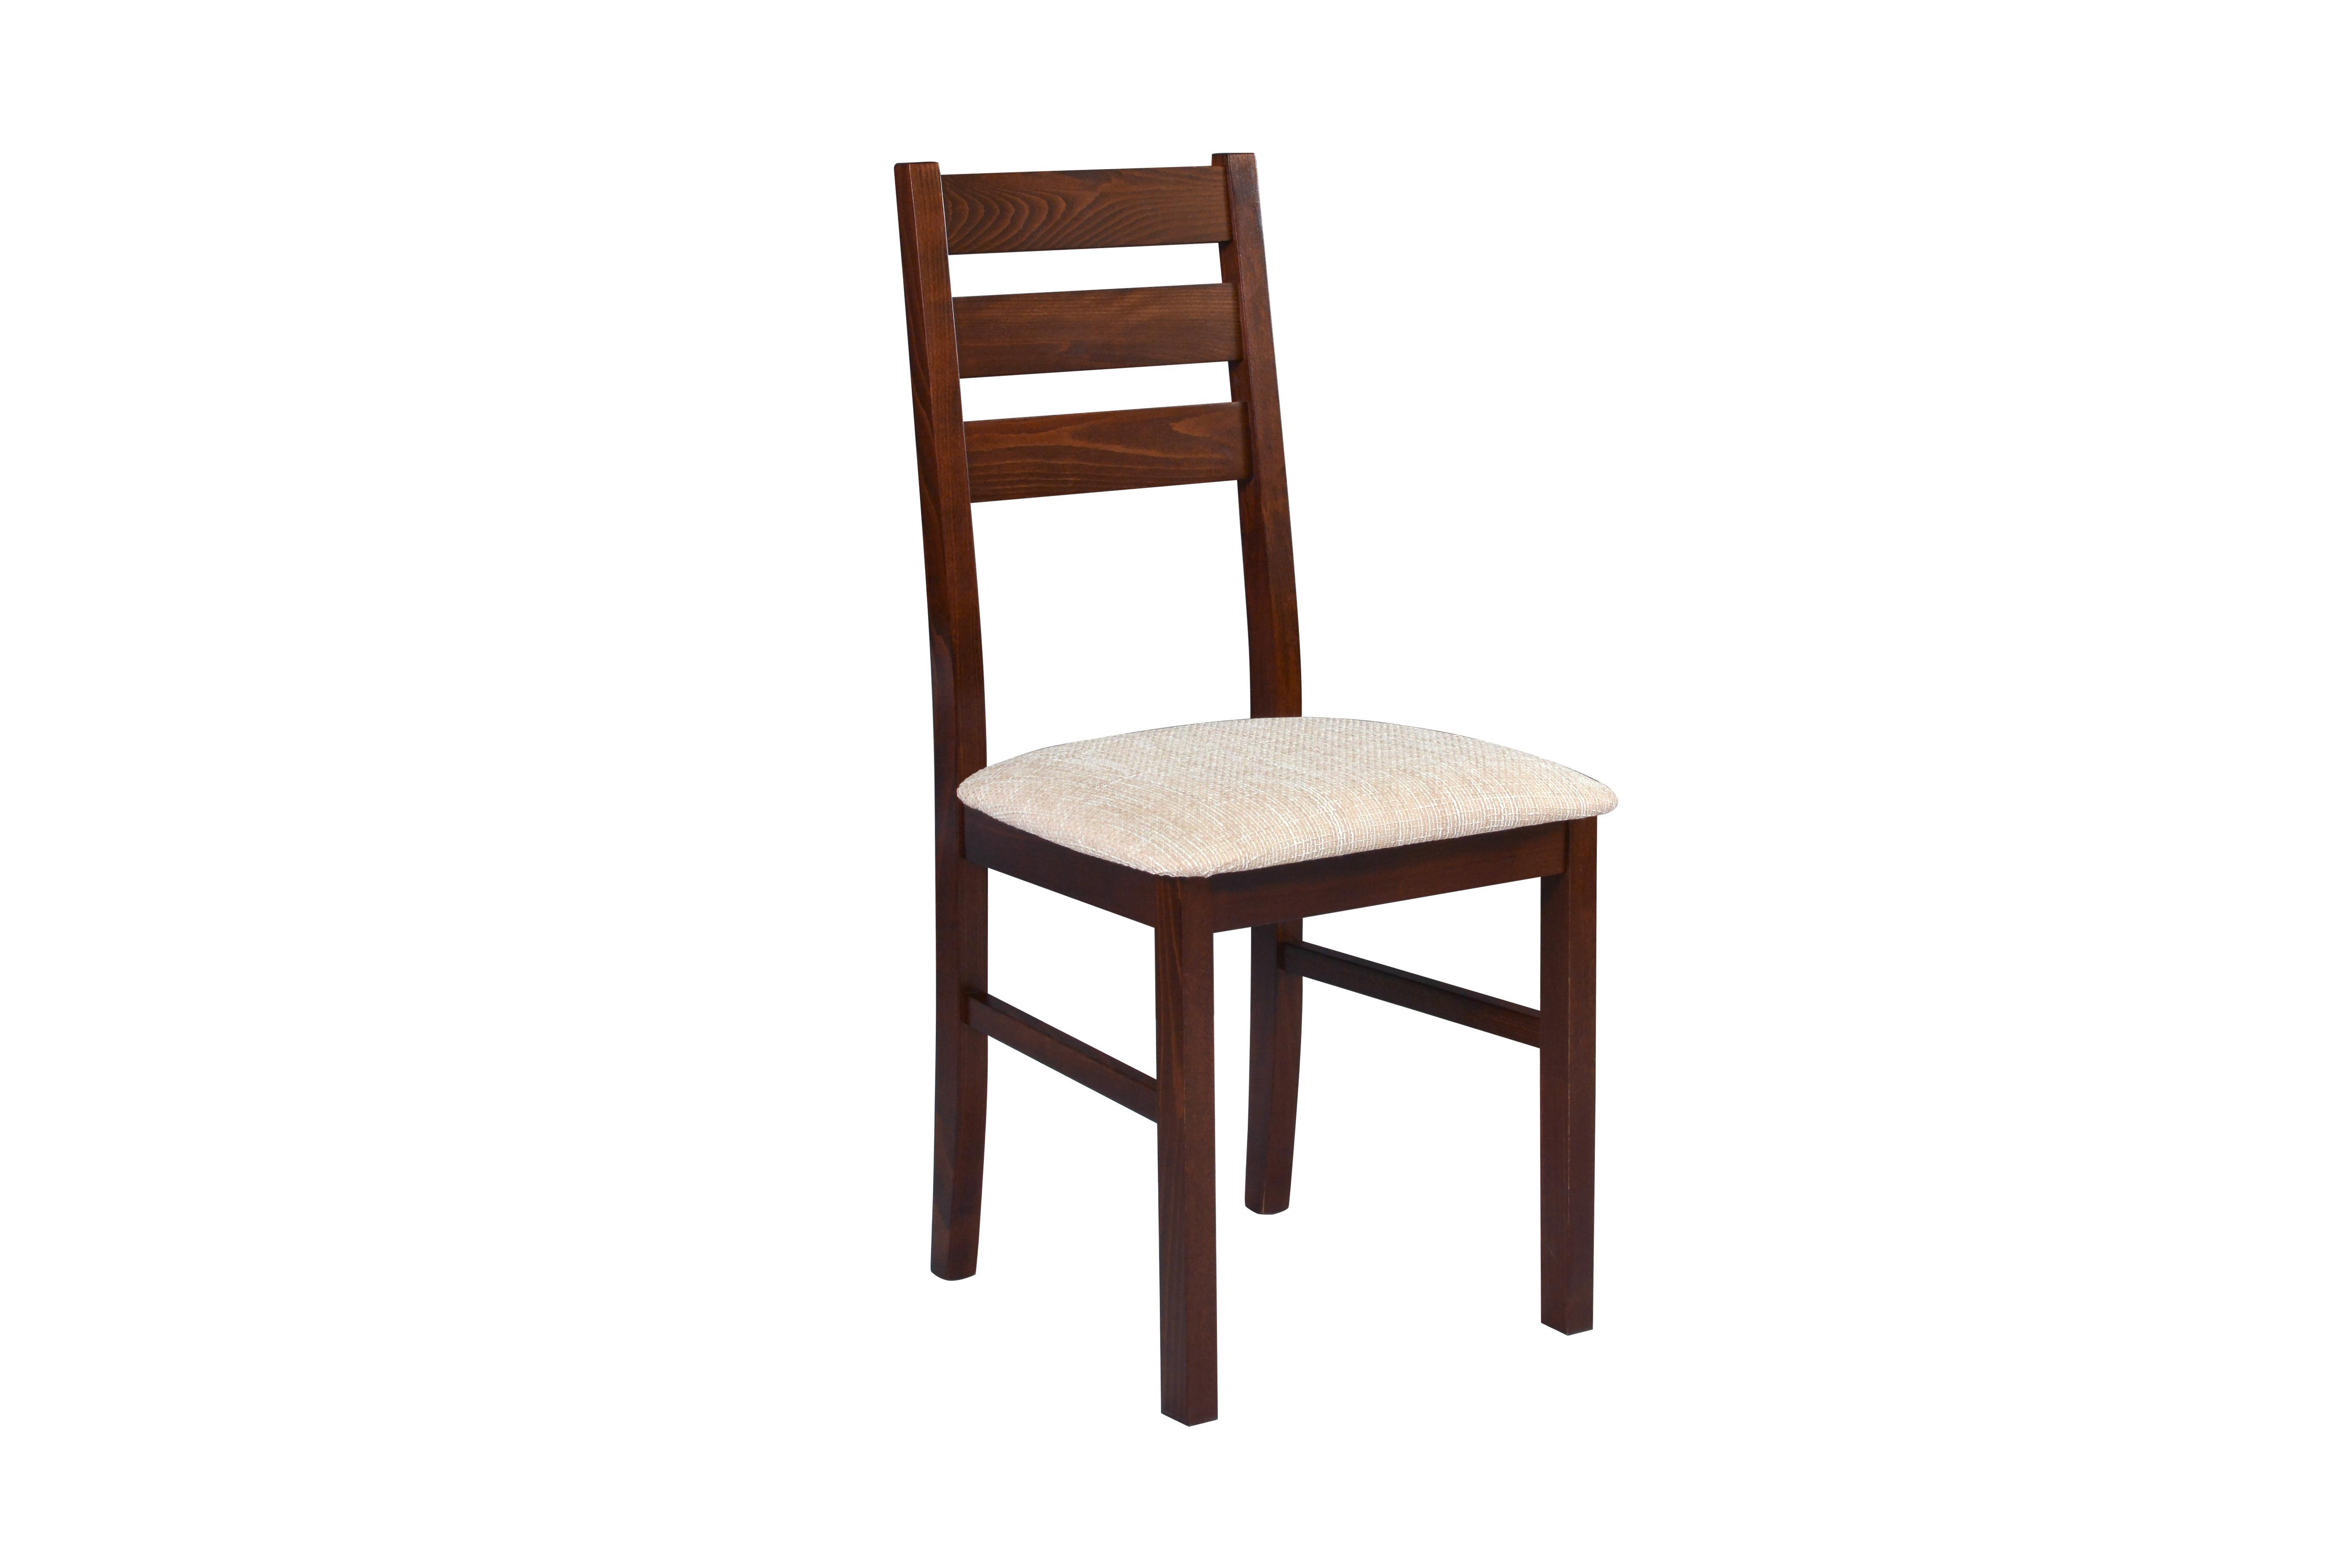 Jídelní židle - Divis